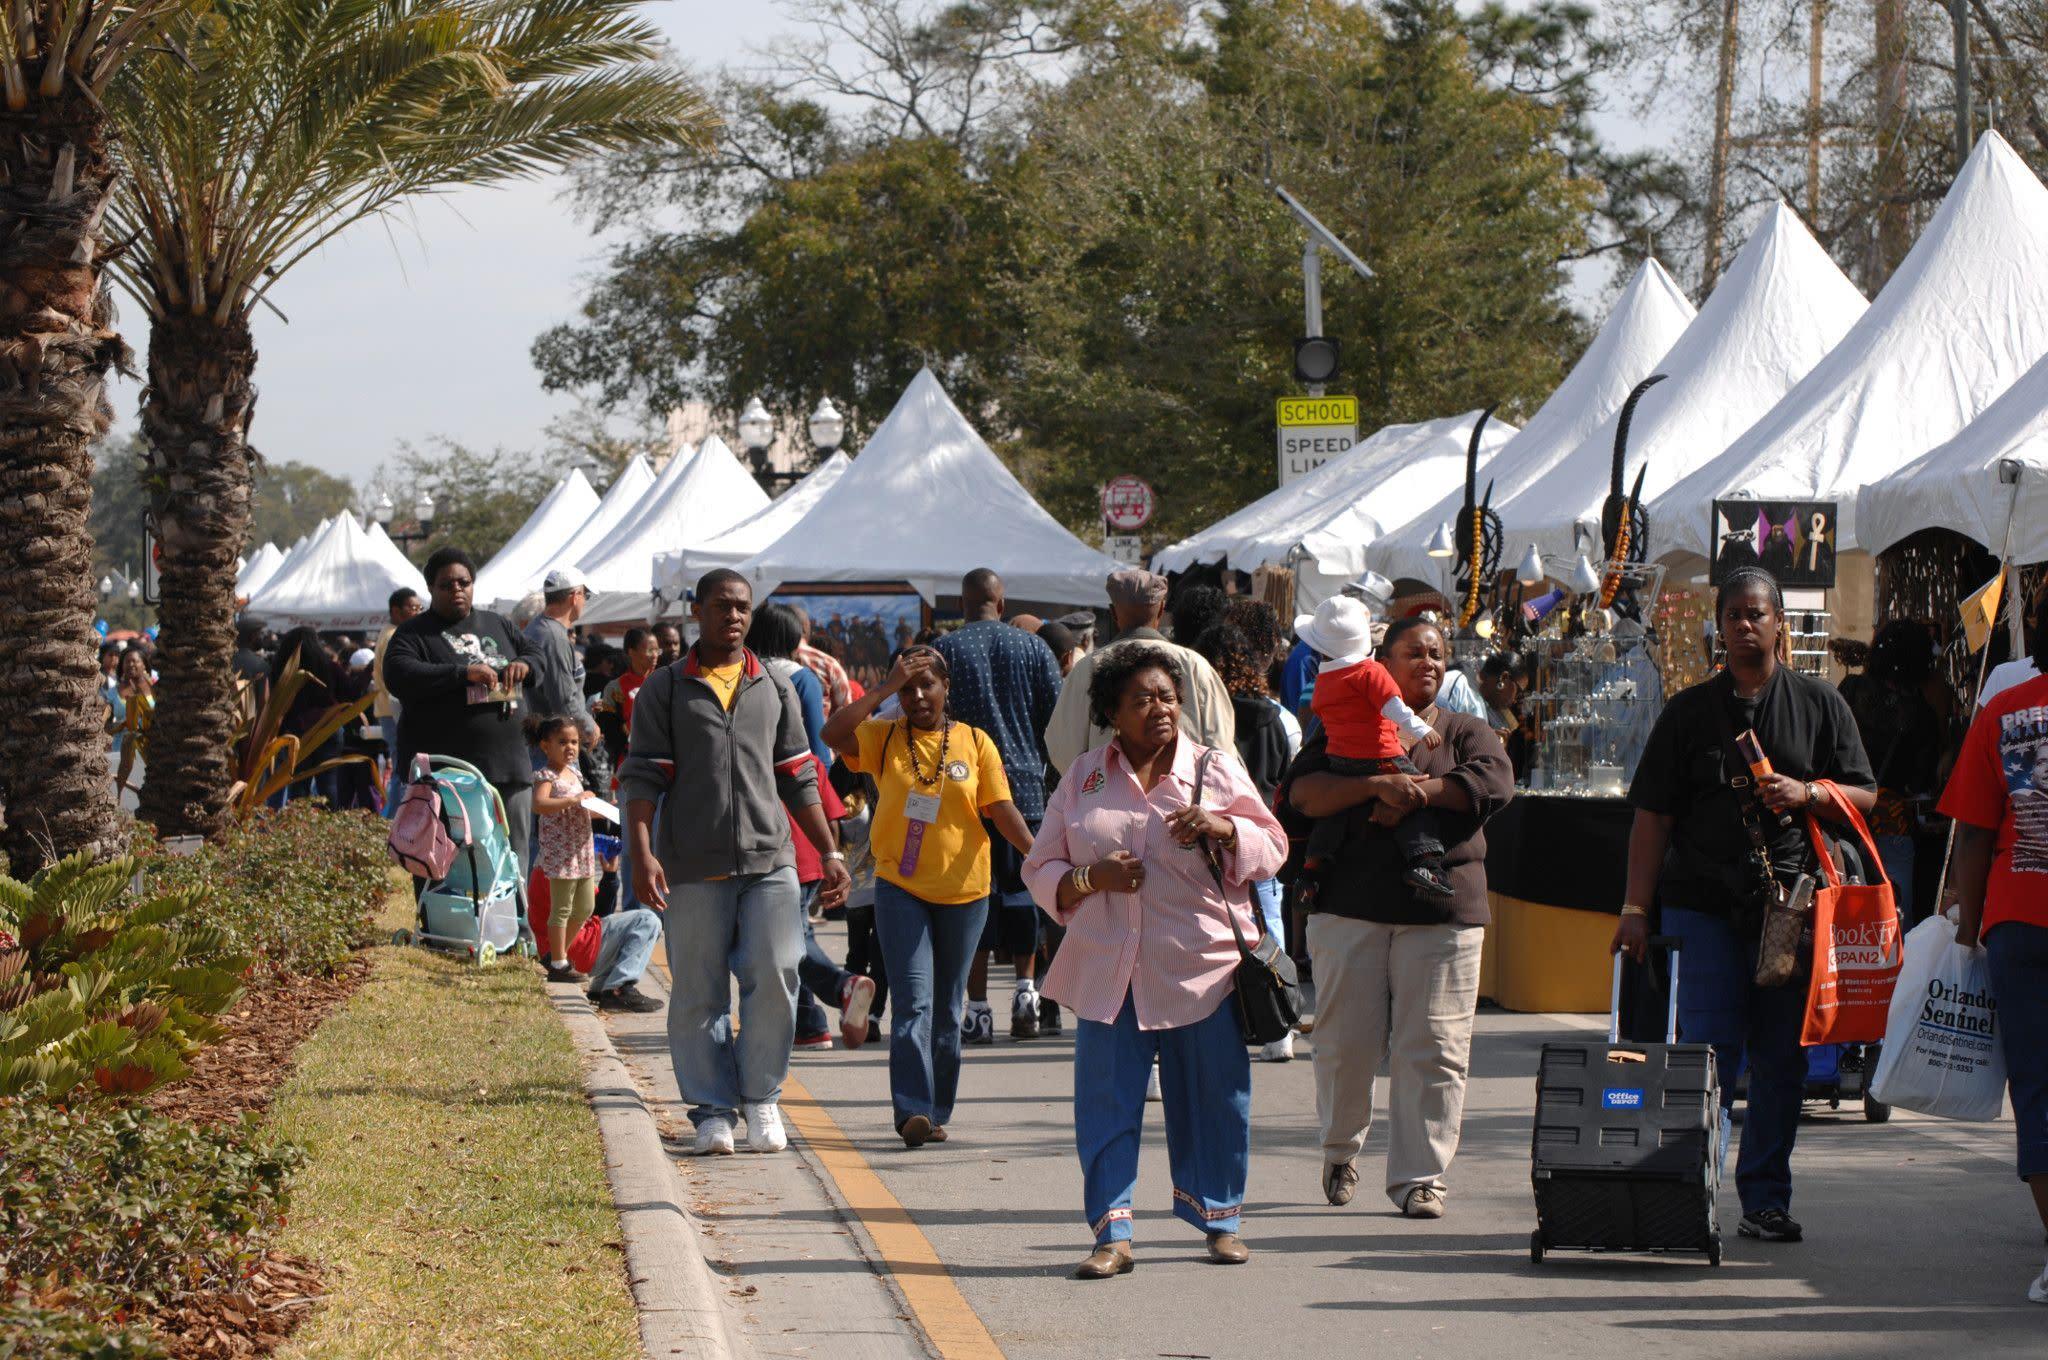 Zora! Festival in Eatonville